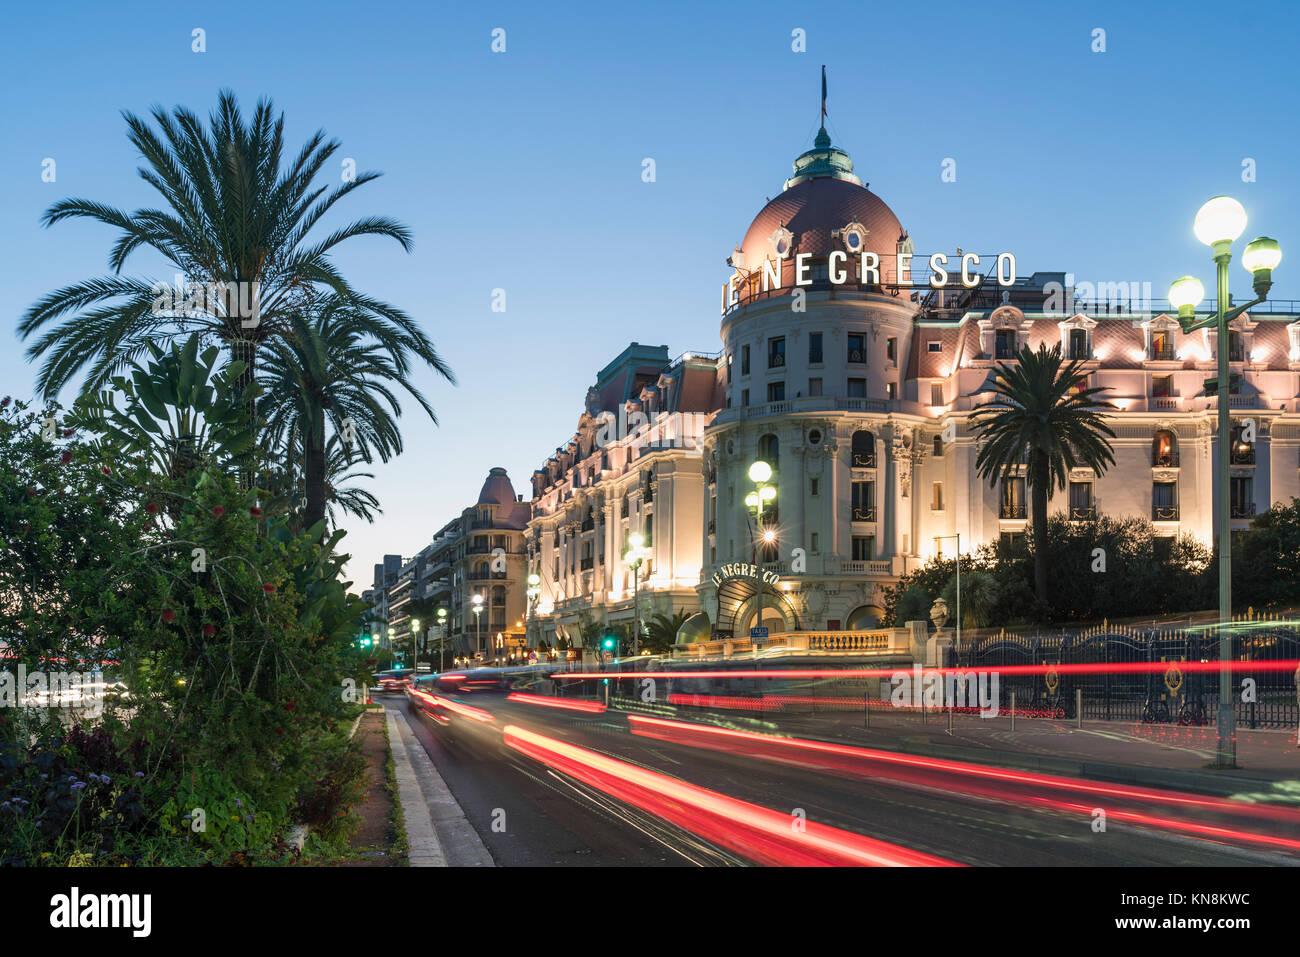 Hotel Negresco, Promenade des Anglais, Nice, Cote d' Azur, France, - Stock Image